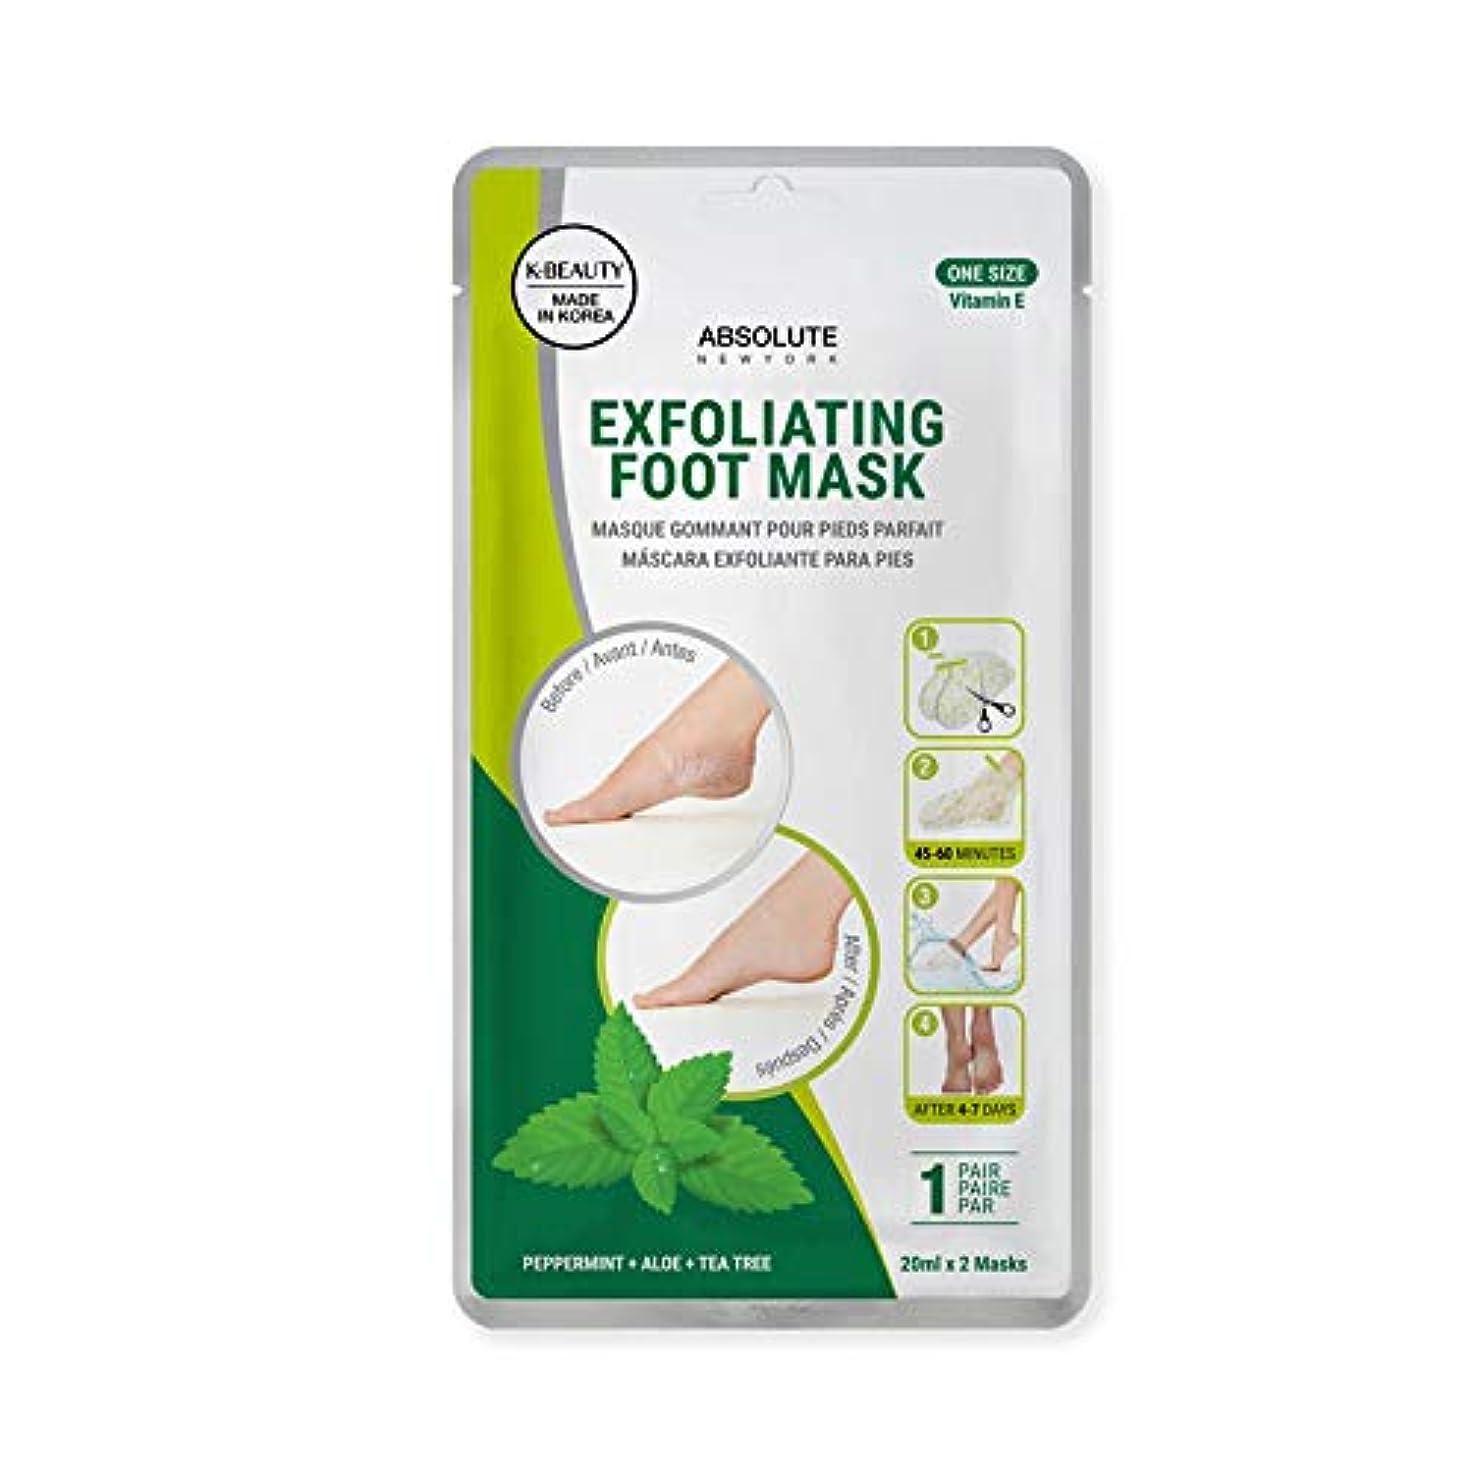 不定トークネズミABSOLUTE Exfoliating Foot Mask - Peppermint + Aloe + Tea Tree (並行輸入品)